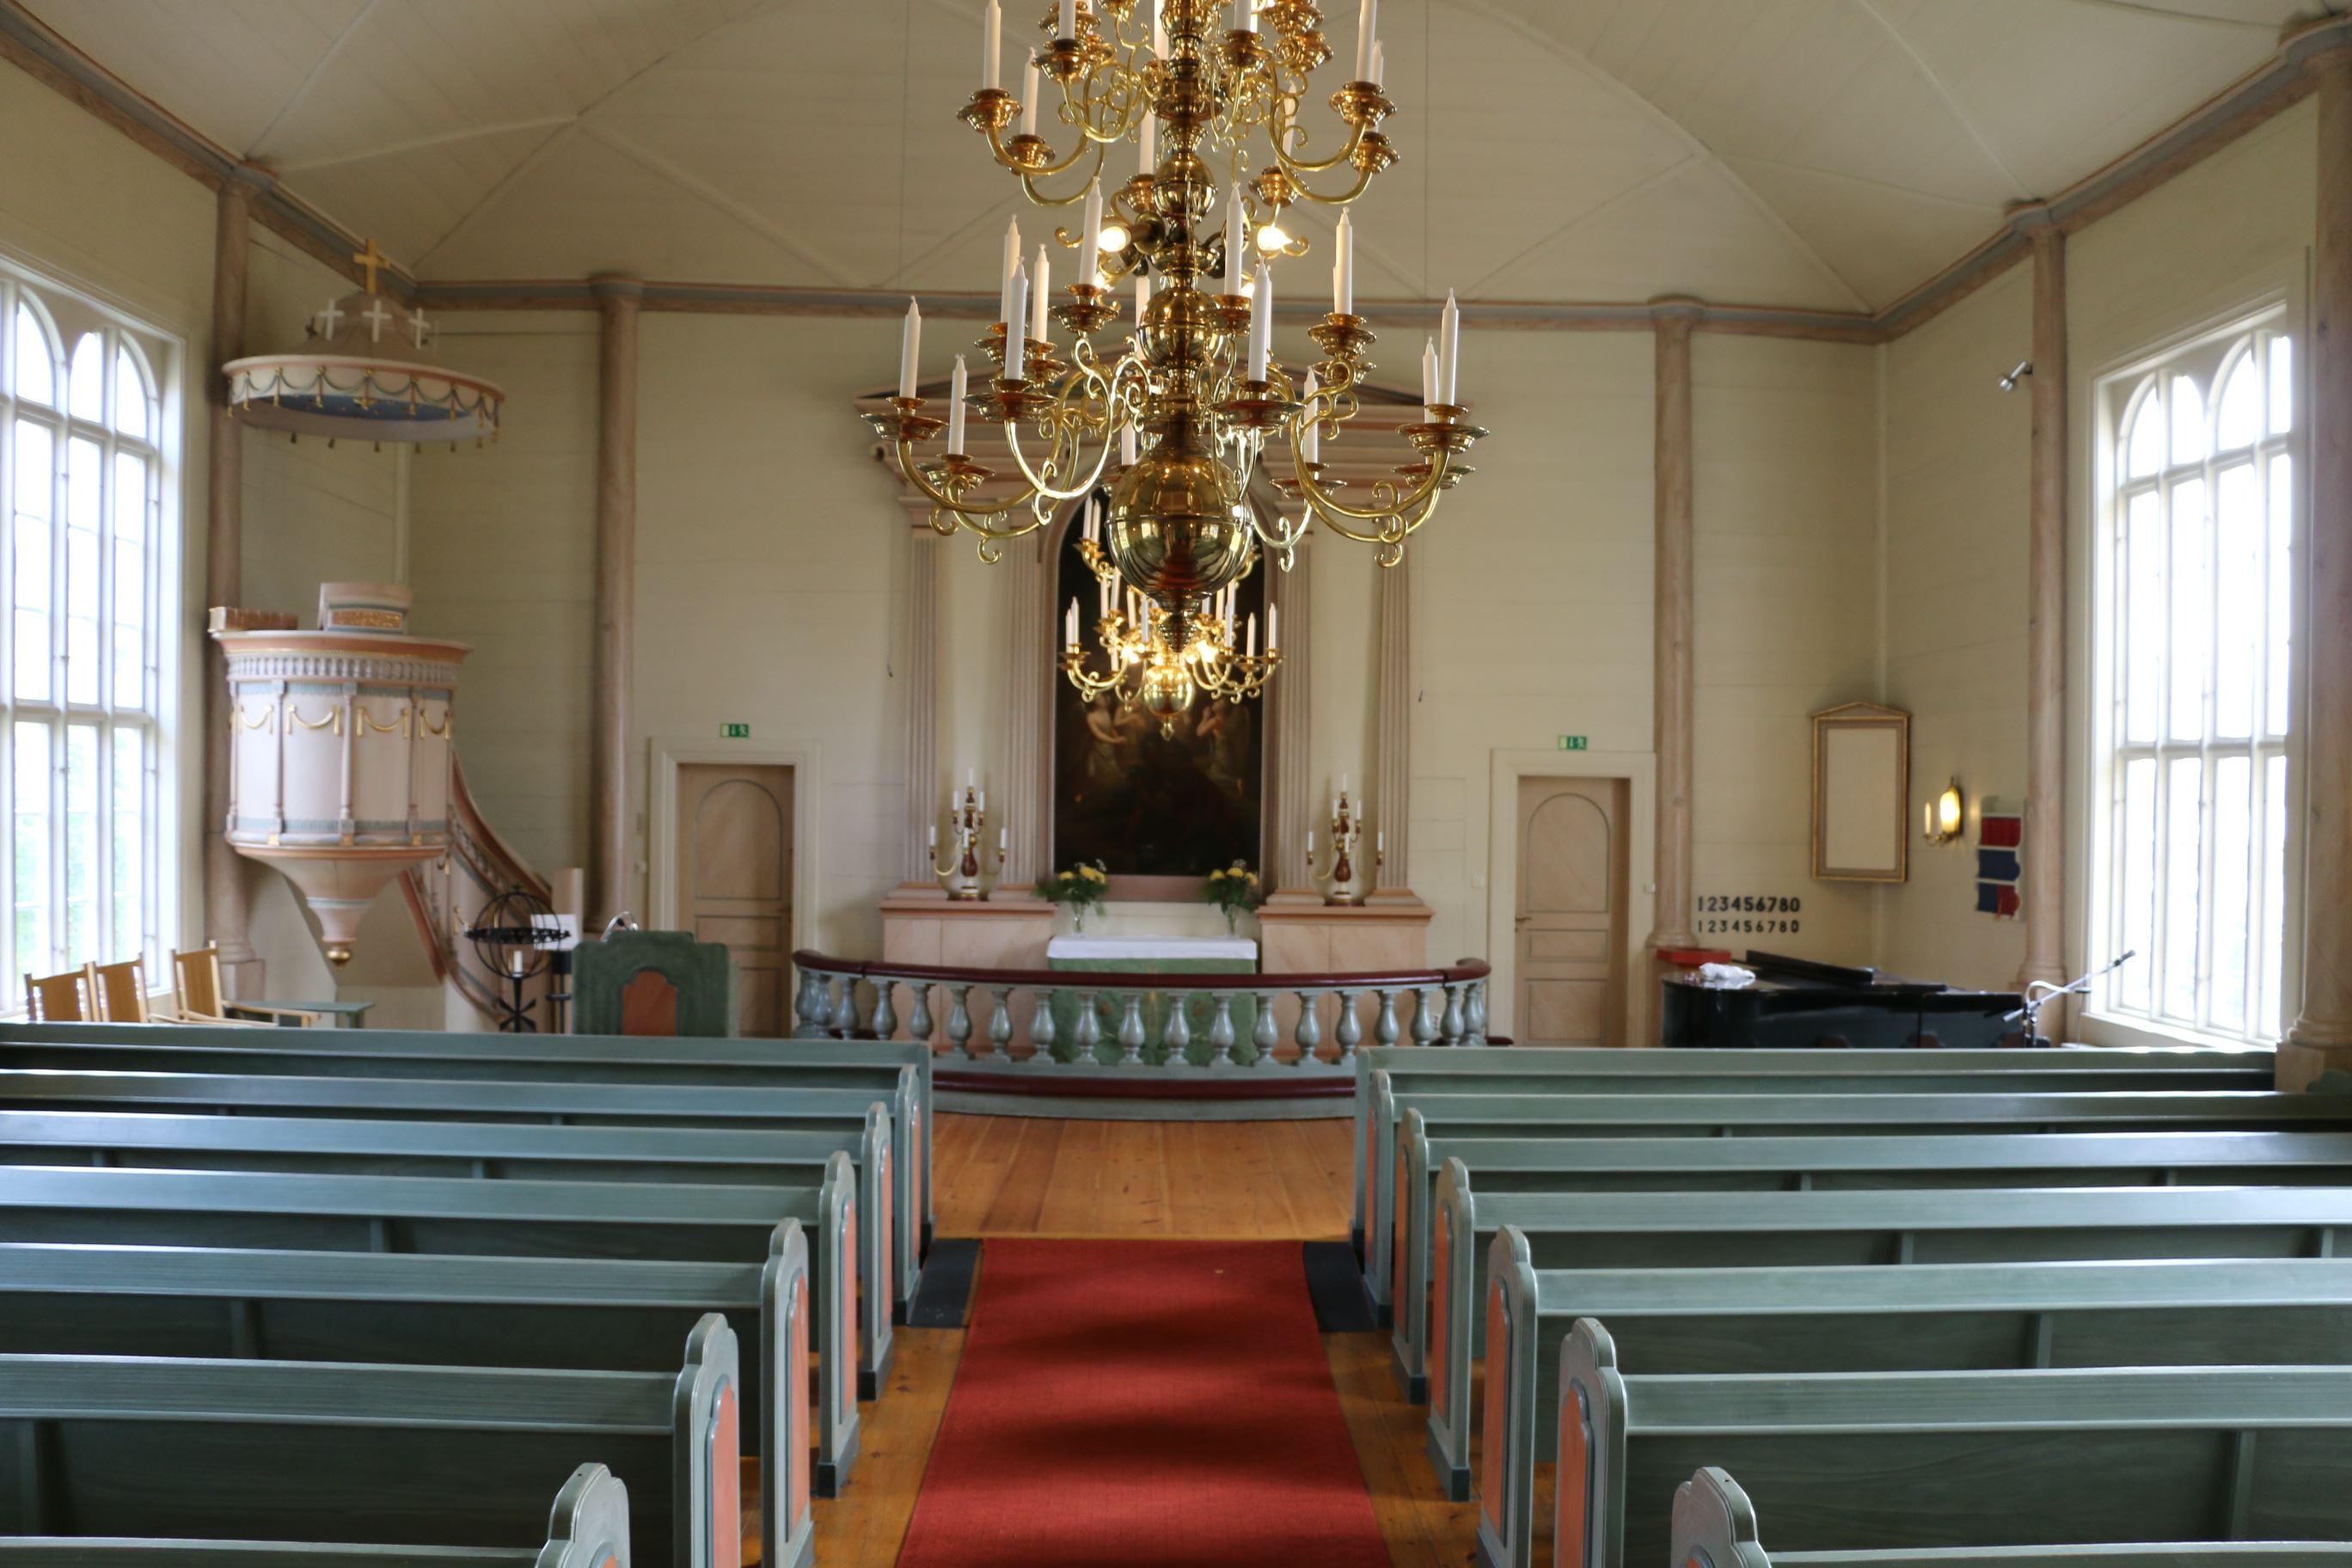 Lunchkonsert - Malå församling